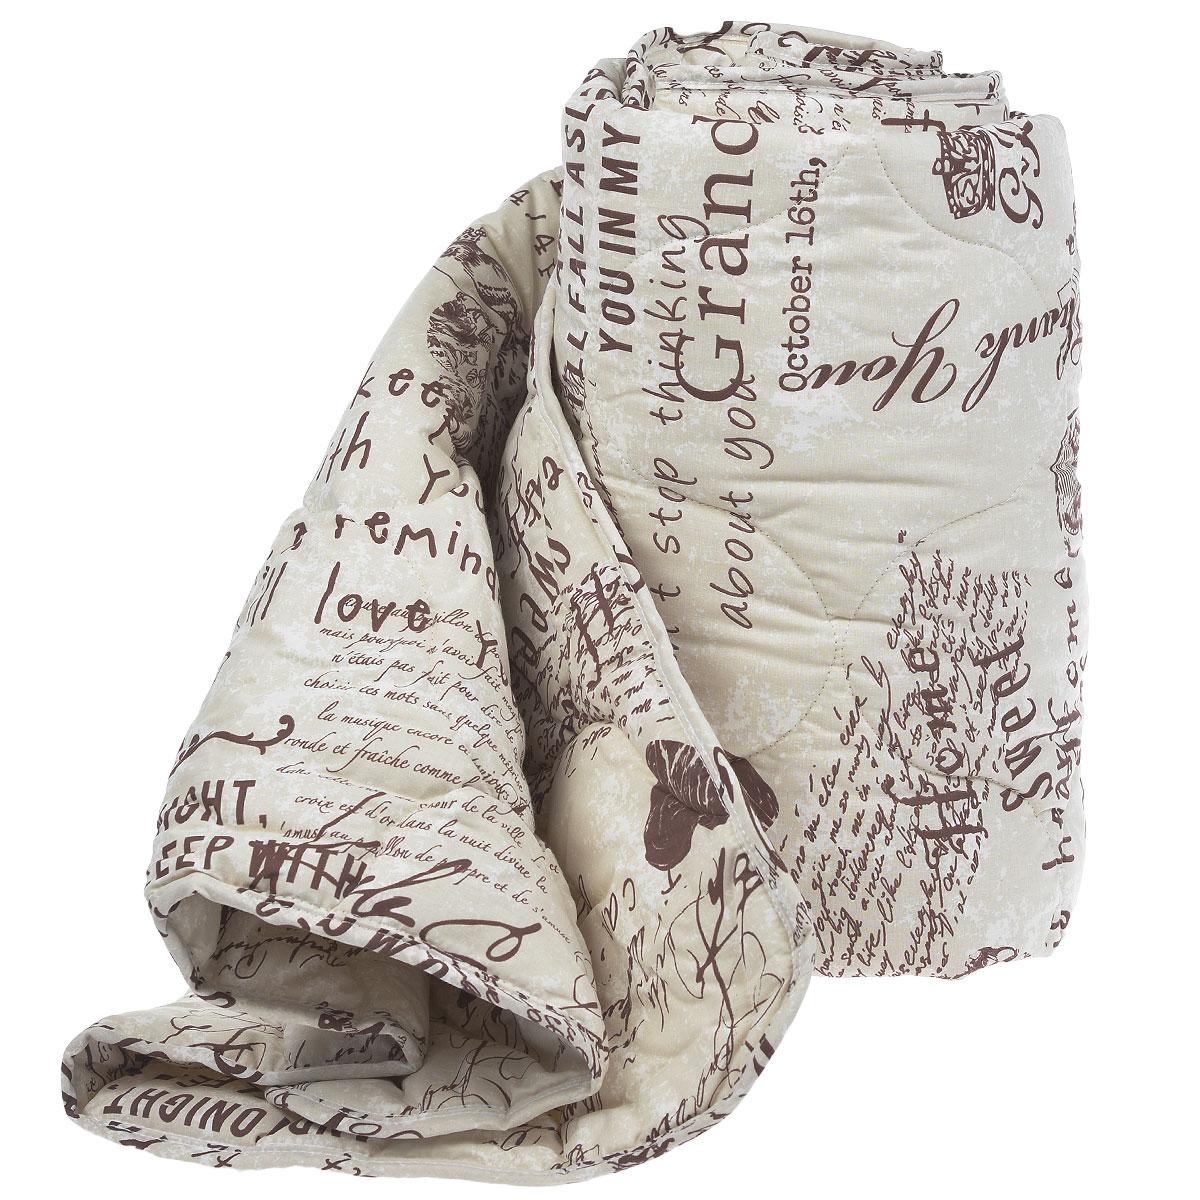 Одеяло Comfort Line Меринос, наполнитель: шерсть мериноса, 175 х 205 смBH-UN0502( R)Классическое одеяло Comfort Line Меринос подарит вам незабываемое чувство комфорта и умиротворения. Чехол выполнен из натурального хлопка. Внутри - наполнитель из мериносовой шерсти. Одеяло постоянно поддерживает нужную температуру: оно греет зимой и дает прохладу летом. Одеяло Comfort Line Меринос помогает просыпаться бодрыми и полными сил. Оно разработано специально для активных людей, заботящихся о своём здоровье, проводящих много времени у компьютера. Изделия из мериносовой шерсти великолепно стимулирует кровообращение, помогают людям, страдающим остеохондрозом, ревматизмом, бронхиальными недугами. Одеяло упаковано в пластиковую сумку-чехол, закрывающуюся на застежку-молнию. Рекомендации по уходу: - Можно стирать в стиральной машине при температуре не выше 40°С. - Не отбеливать. - Не гладить. - Не сушить в барабанной сушке. Материал чехла: хлопок. Наполнитель: мериносовая шерсть. Размер: 175 см х 205 см. Плотность: 300 г/м2.